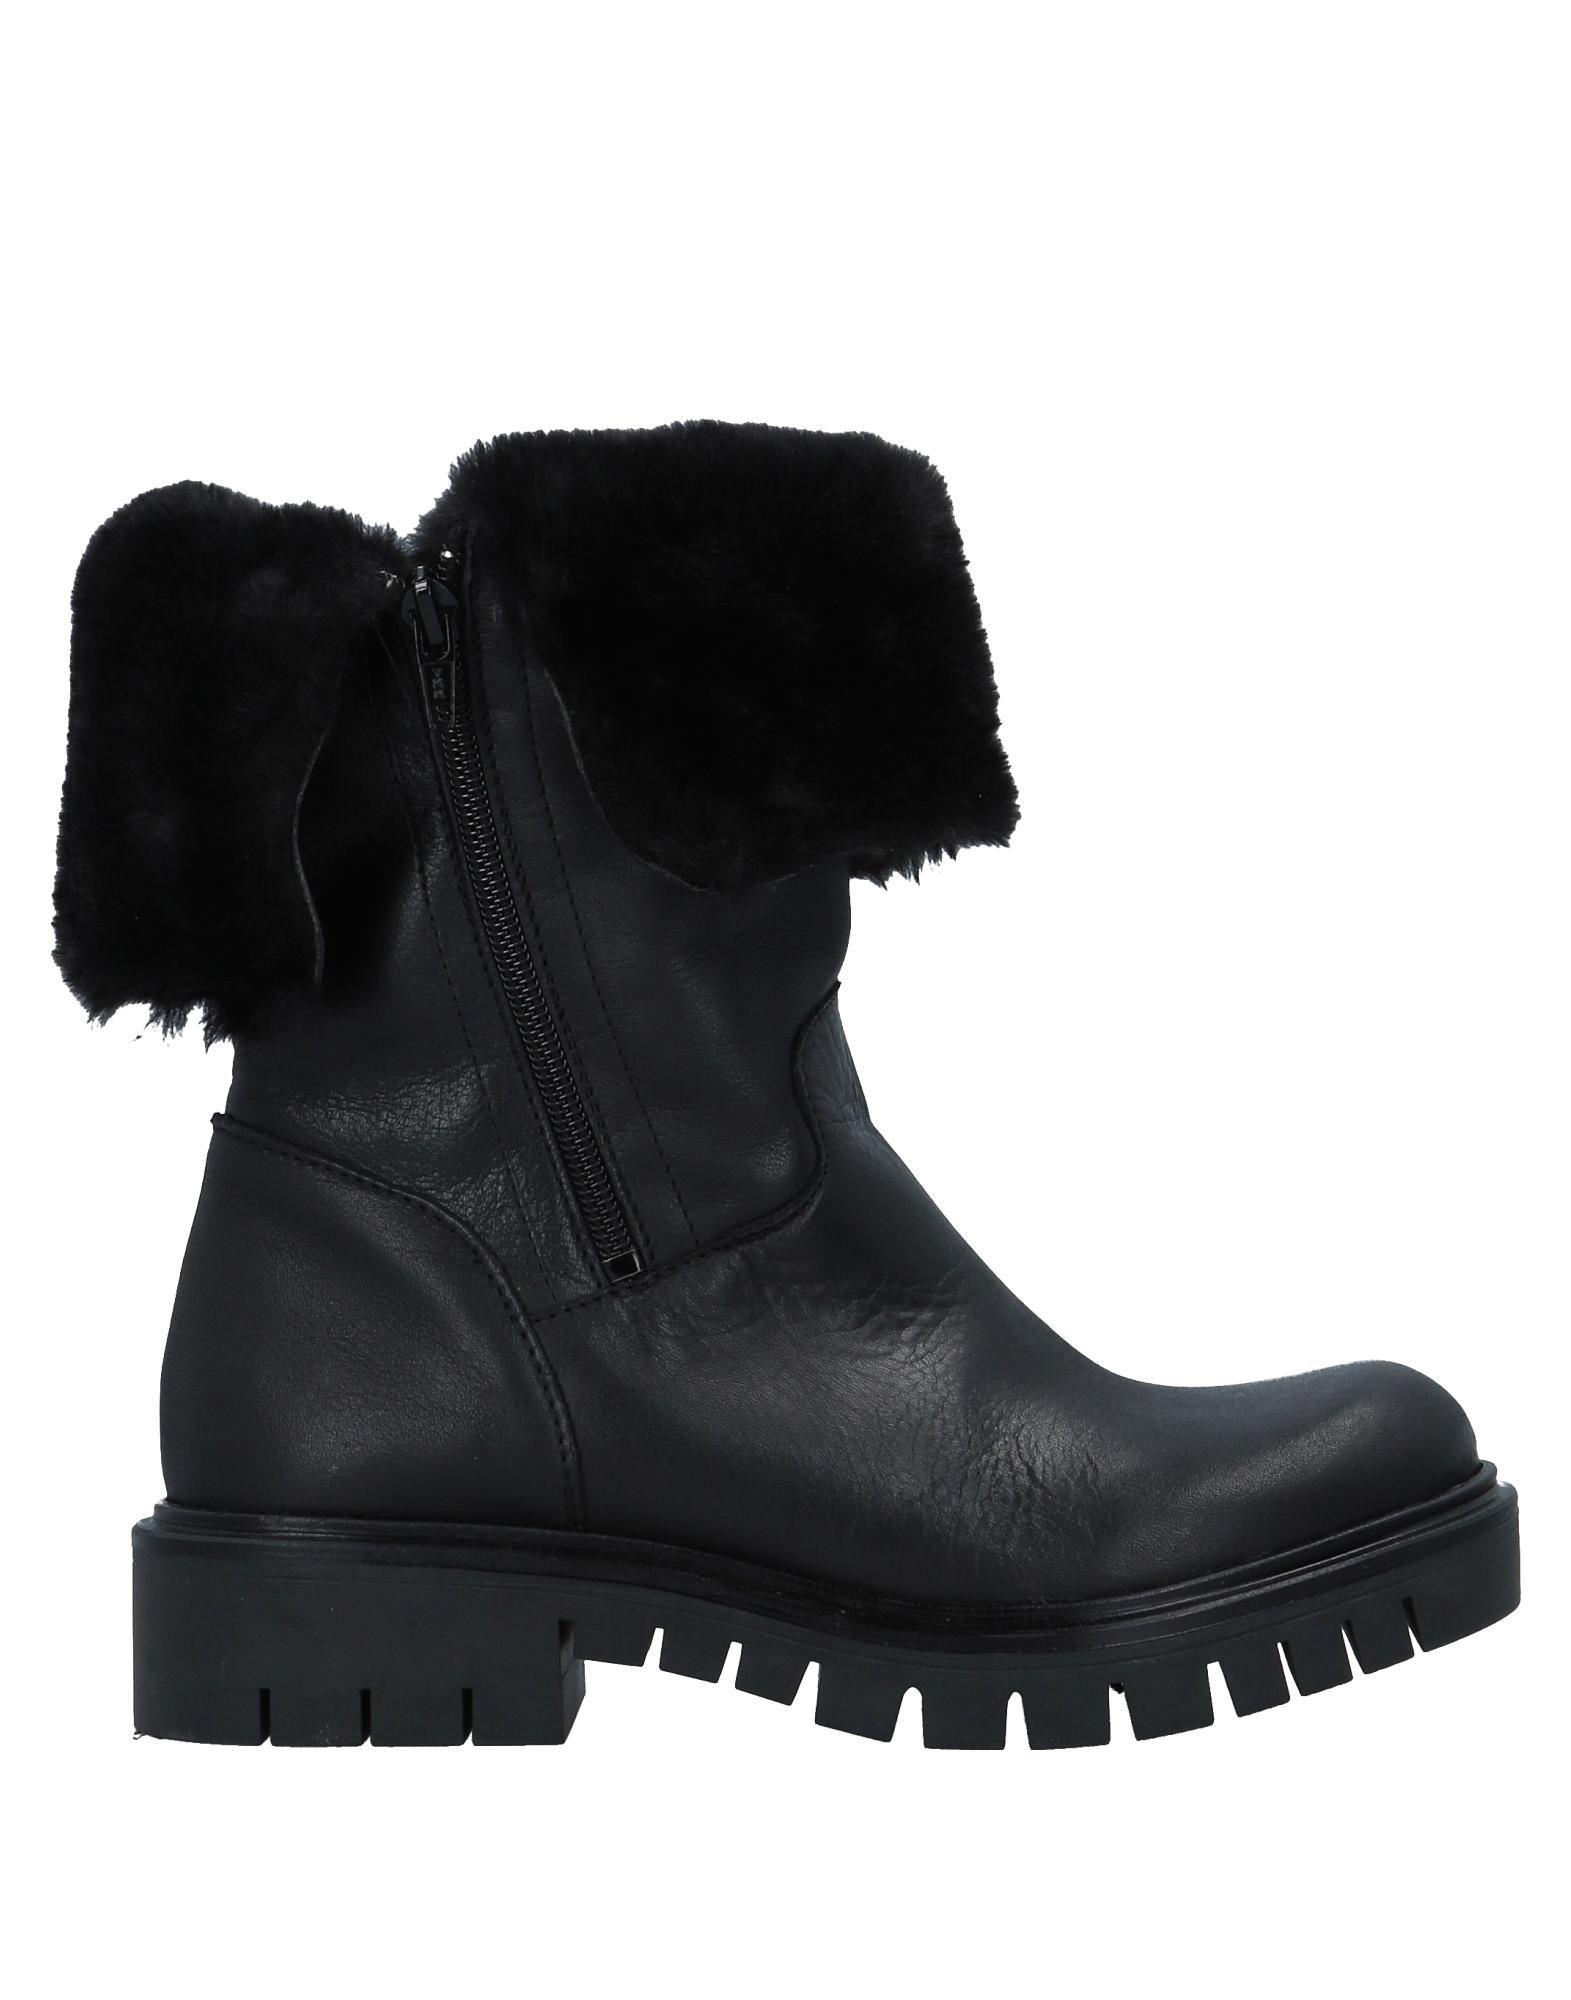 Unlace Stiefelette Damen  11528843LL Gute Qualität beliebte Schuhe